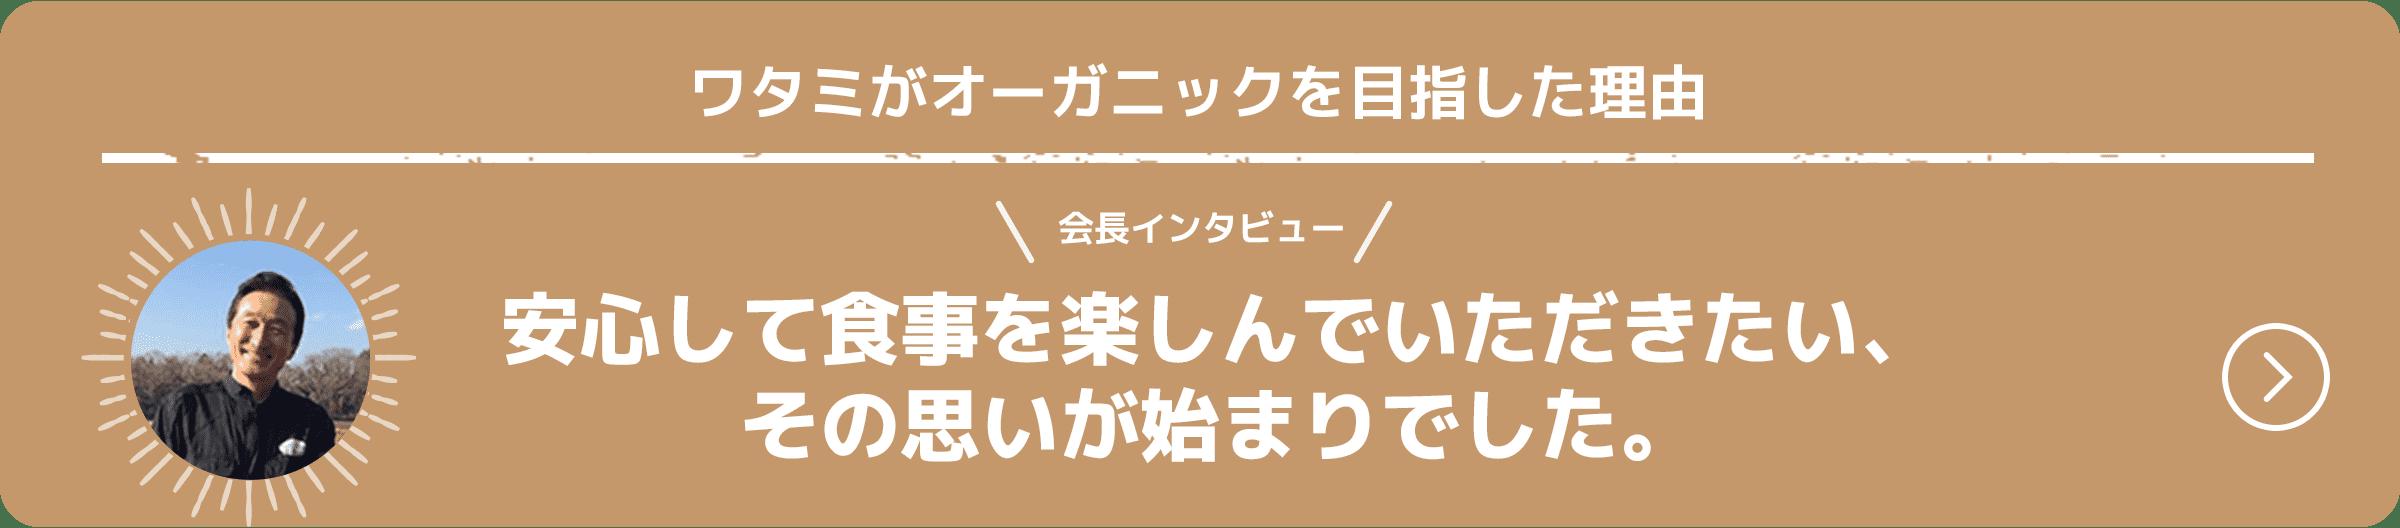 会長インタビュー